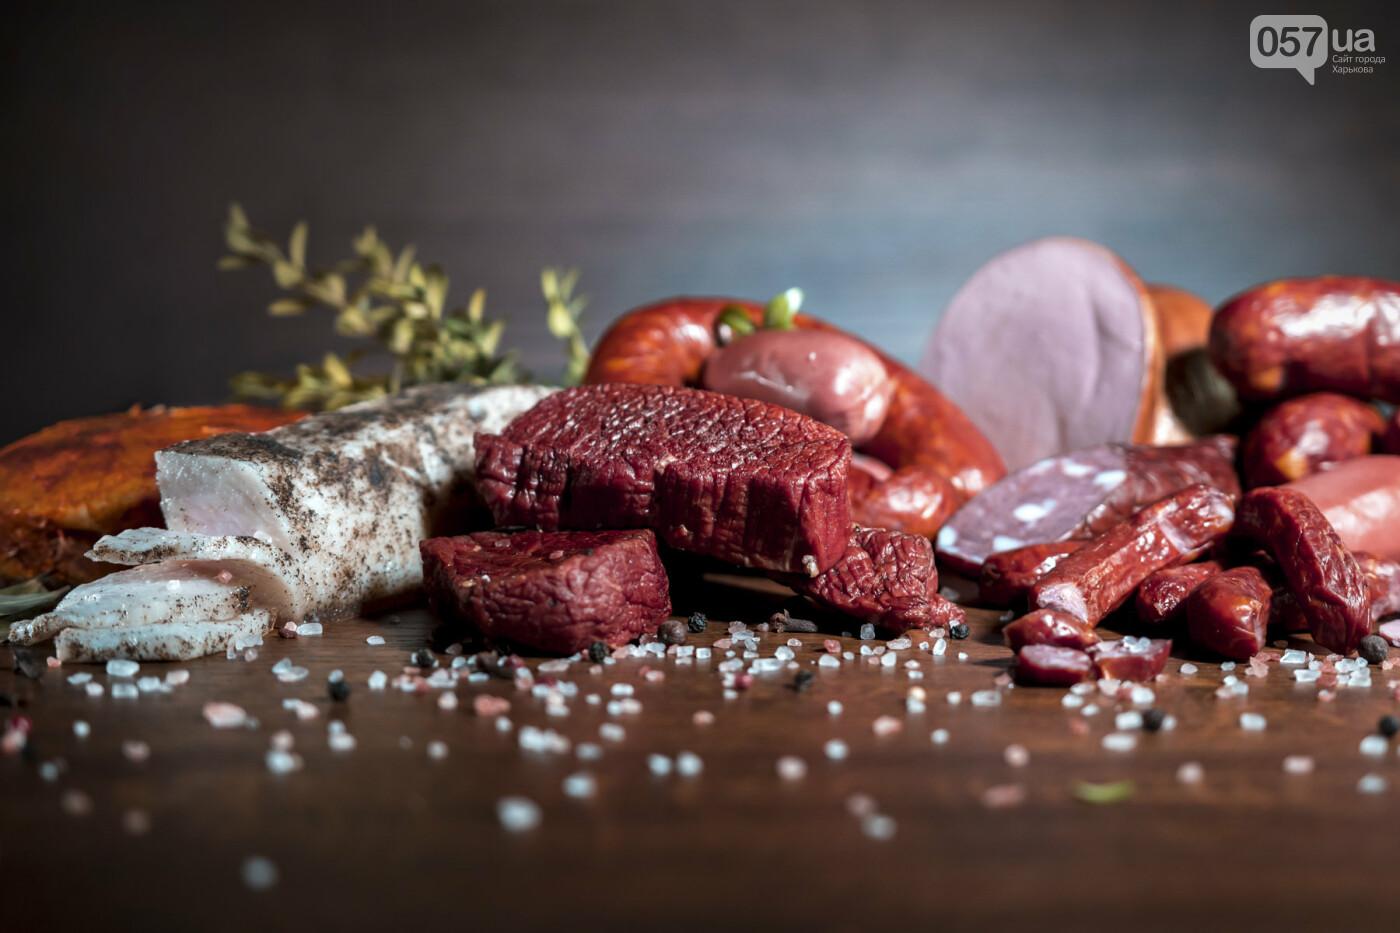 Магазин будущего: здоровое питание со здоровым брендингом, фото-6